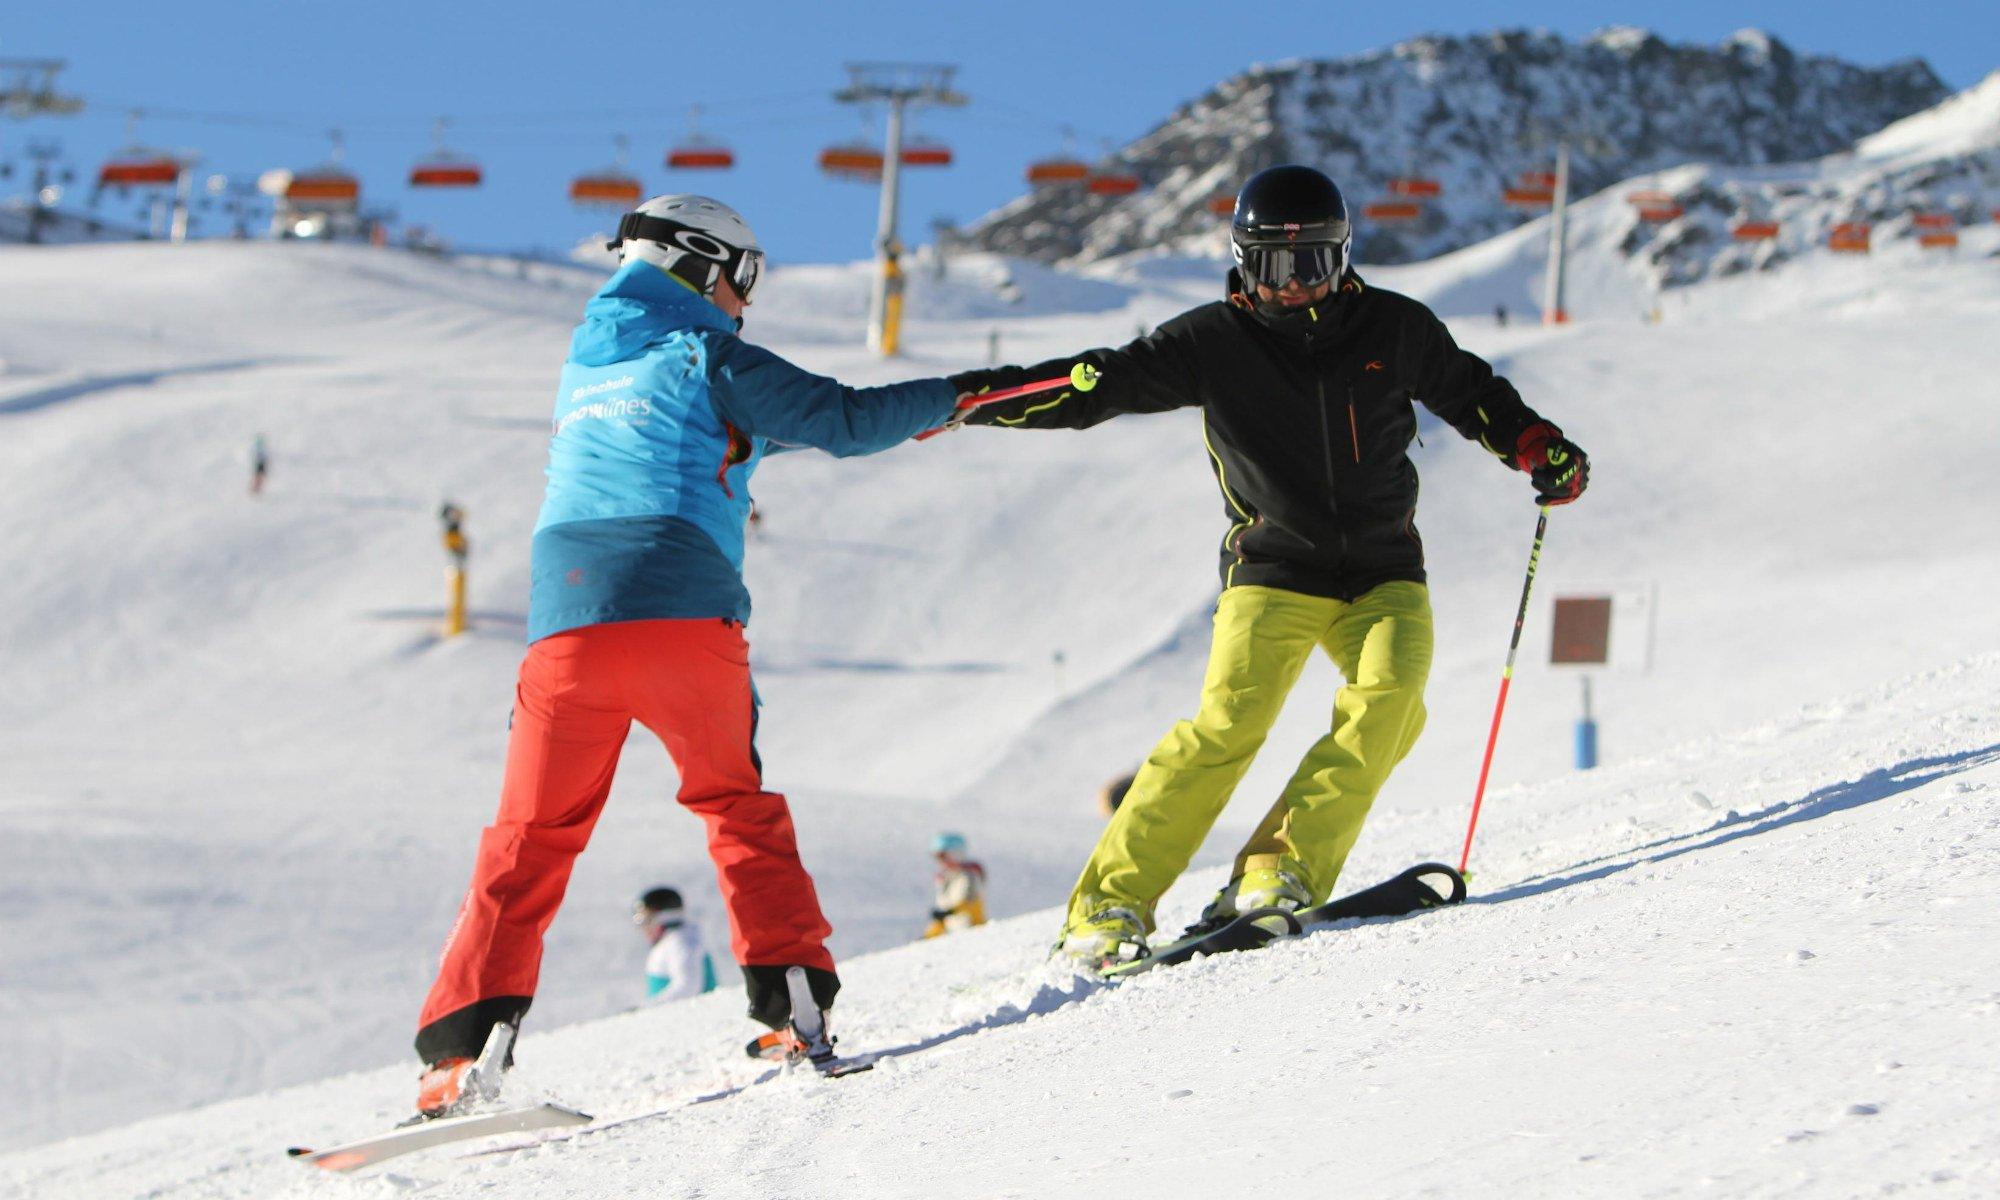 Een leerling krijgt aanwijzingen van zijn skileraar op een skipiste in Sölden.